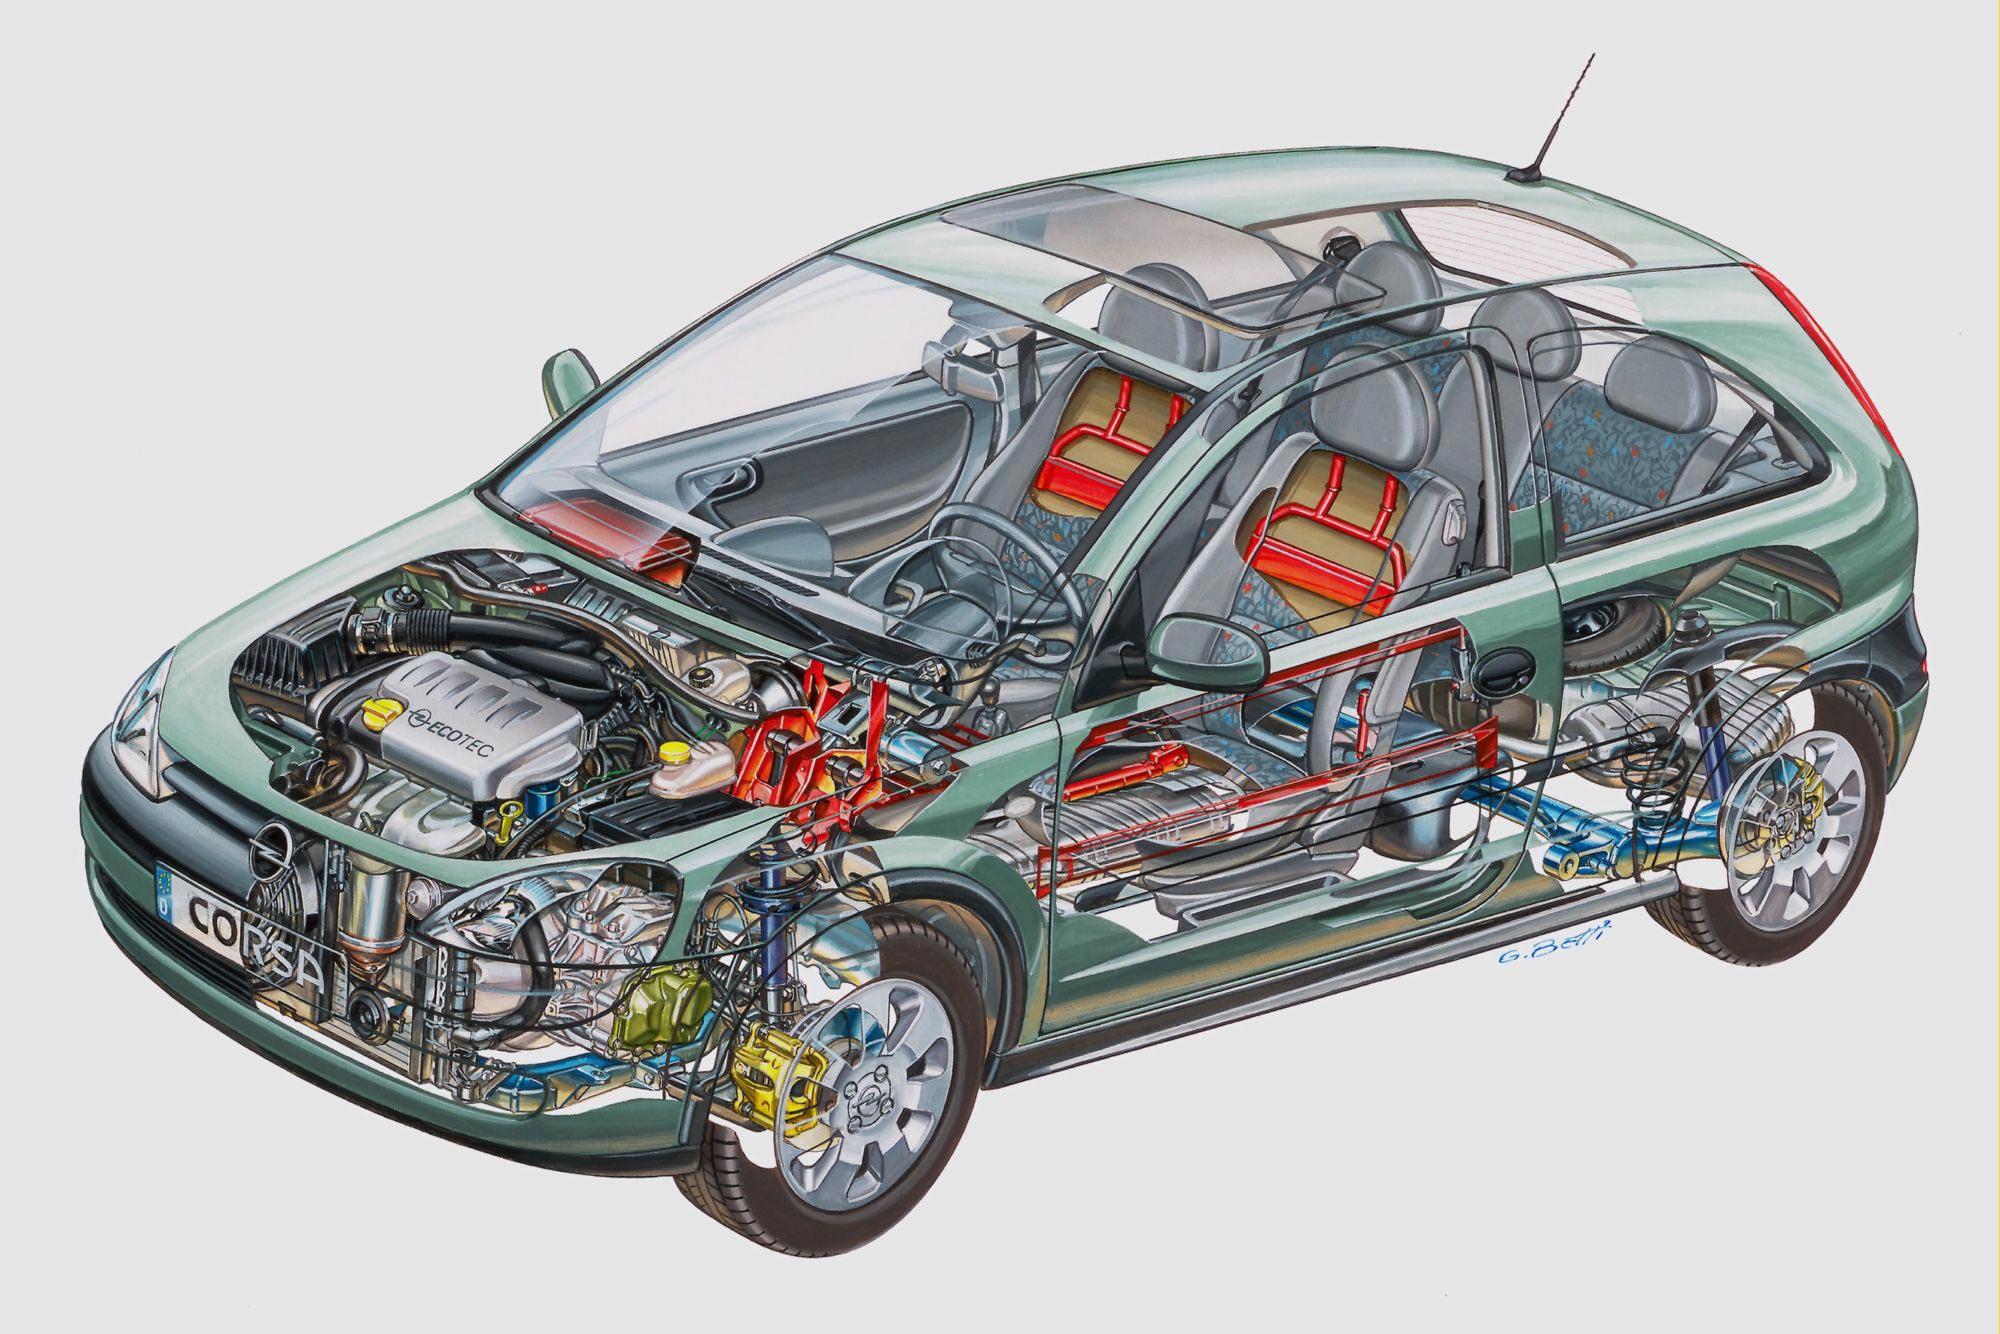 Opel Corsa C cutaway